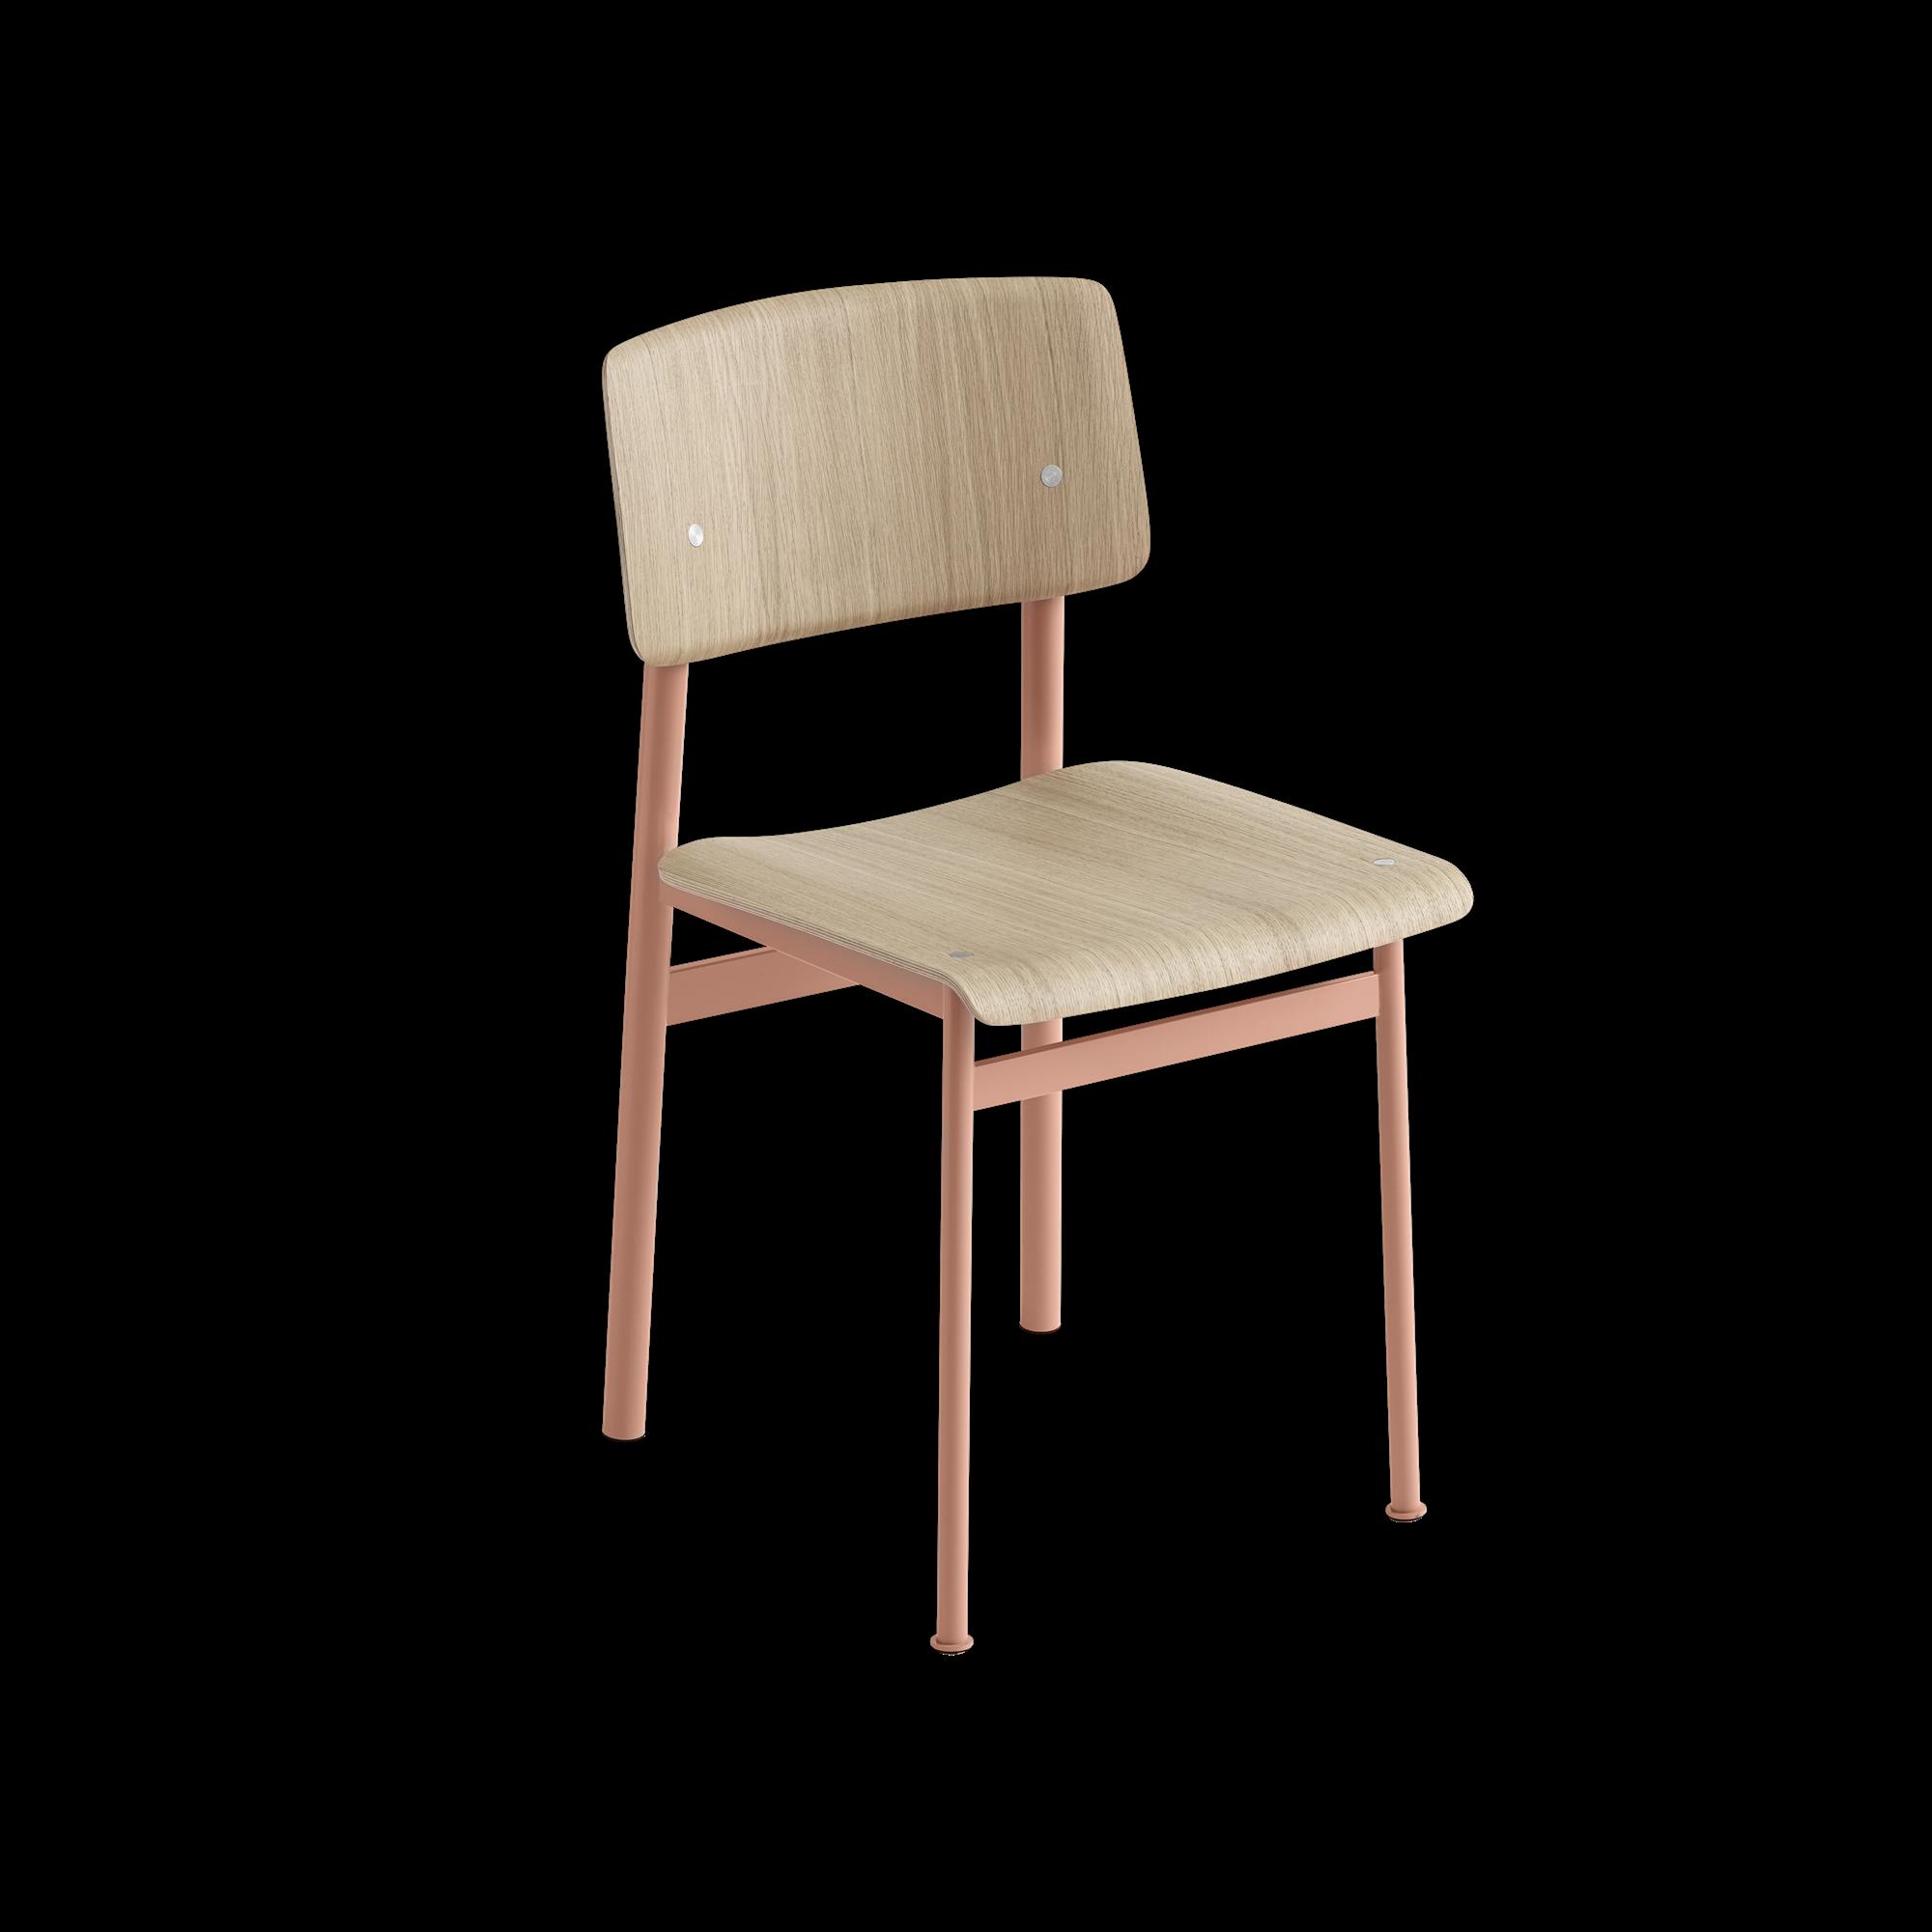 Loft chair, Dusty rose/oak